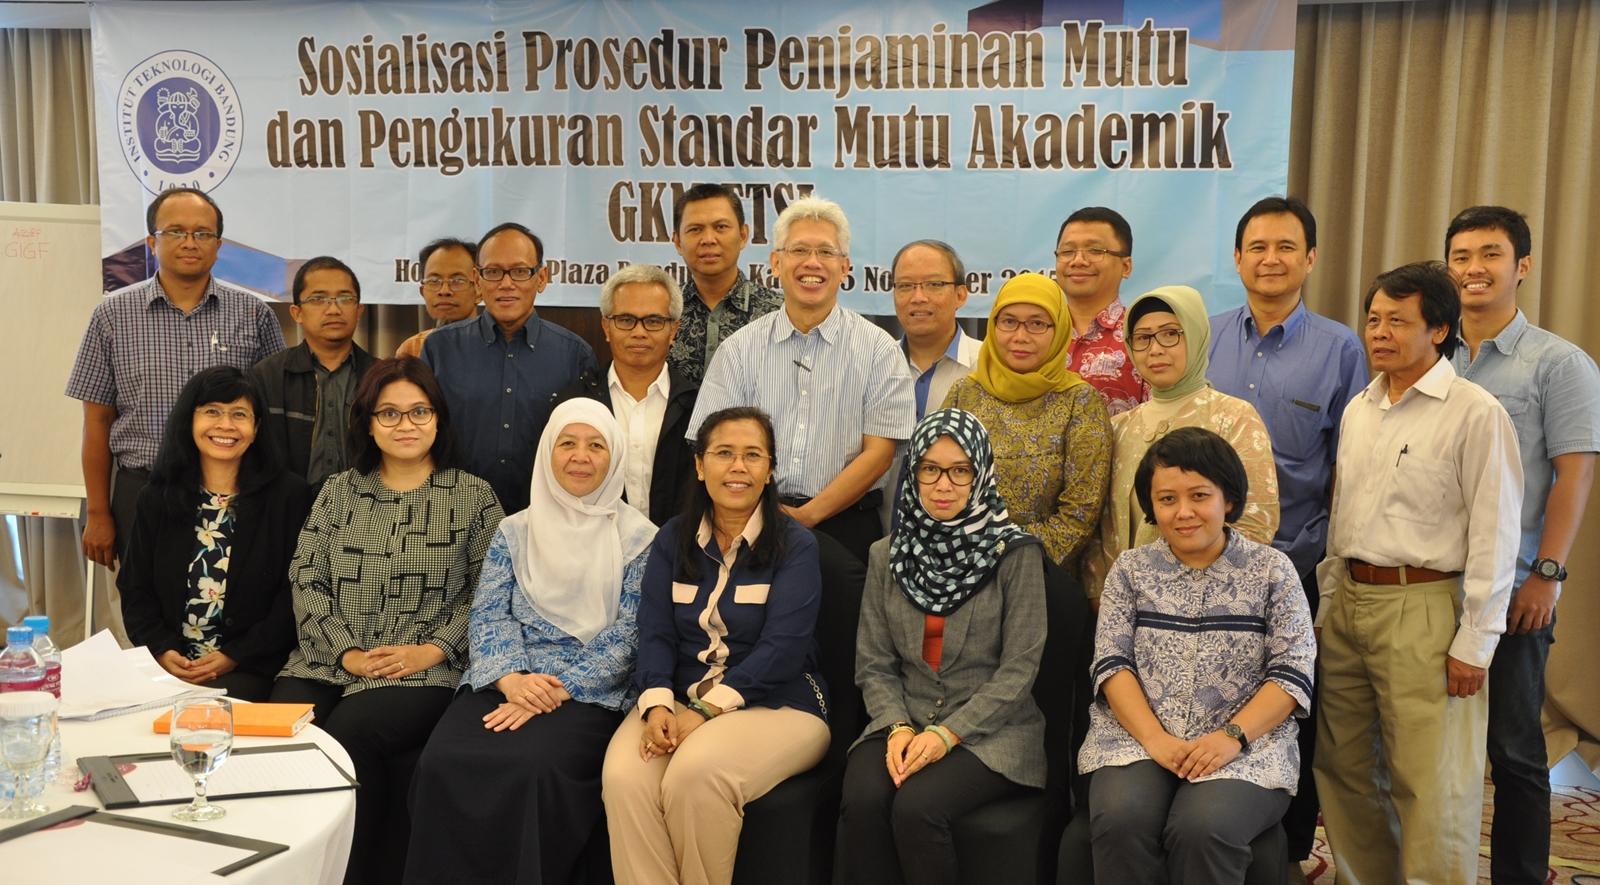 Workshop GKM FTSL